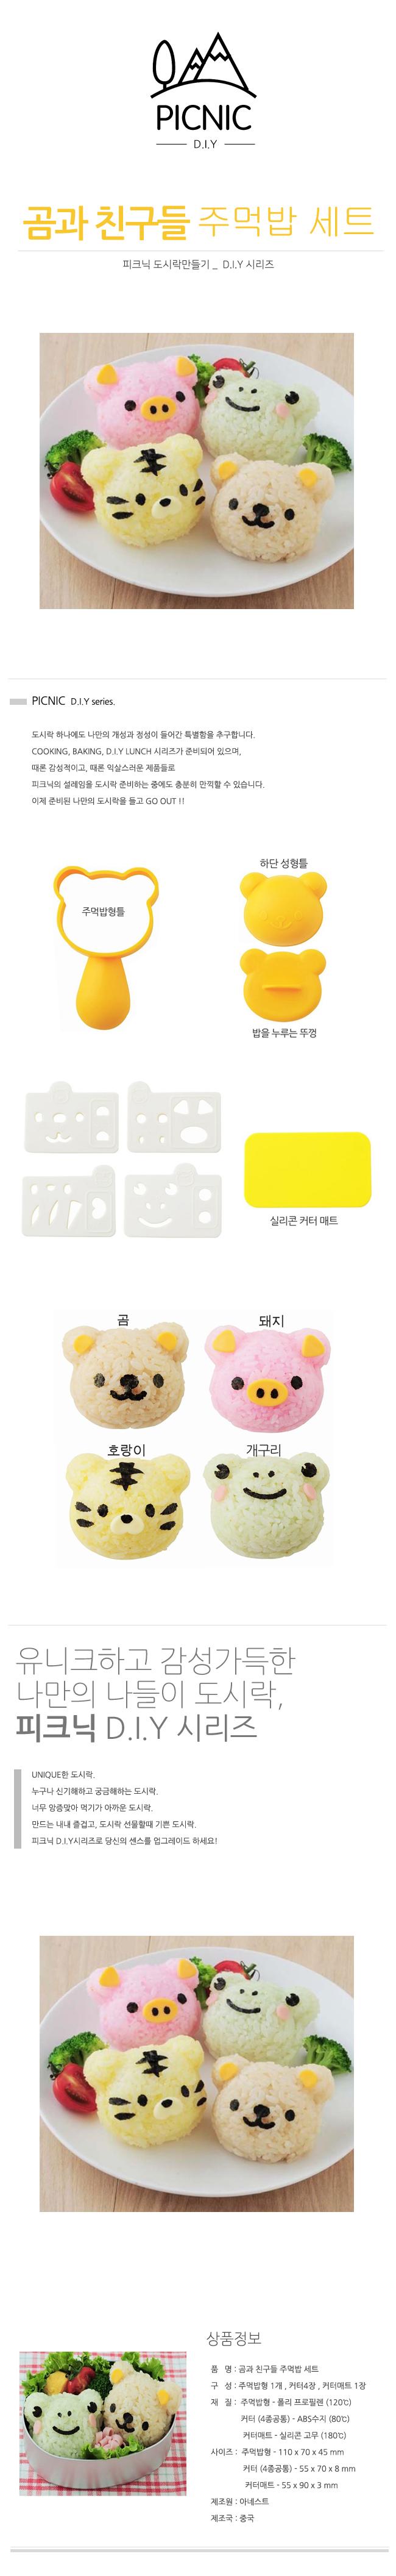 곰과 친구들 주먹밥 세트 - 미스터베이쿡, 13,800원, 피크닉도시락/식기, 피크닉도시락통